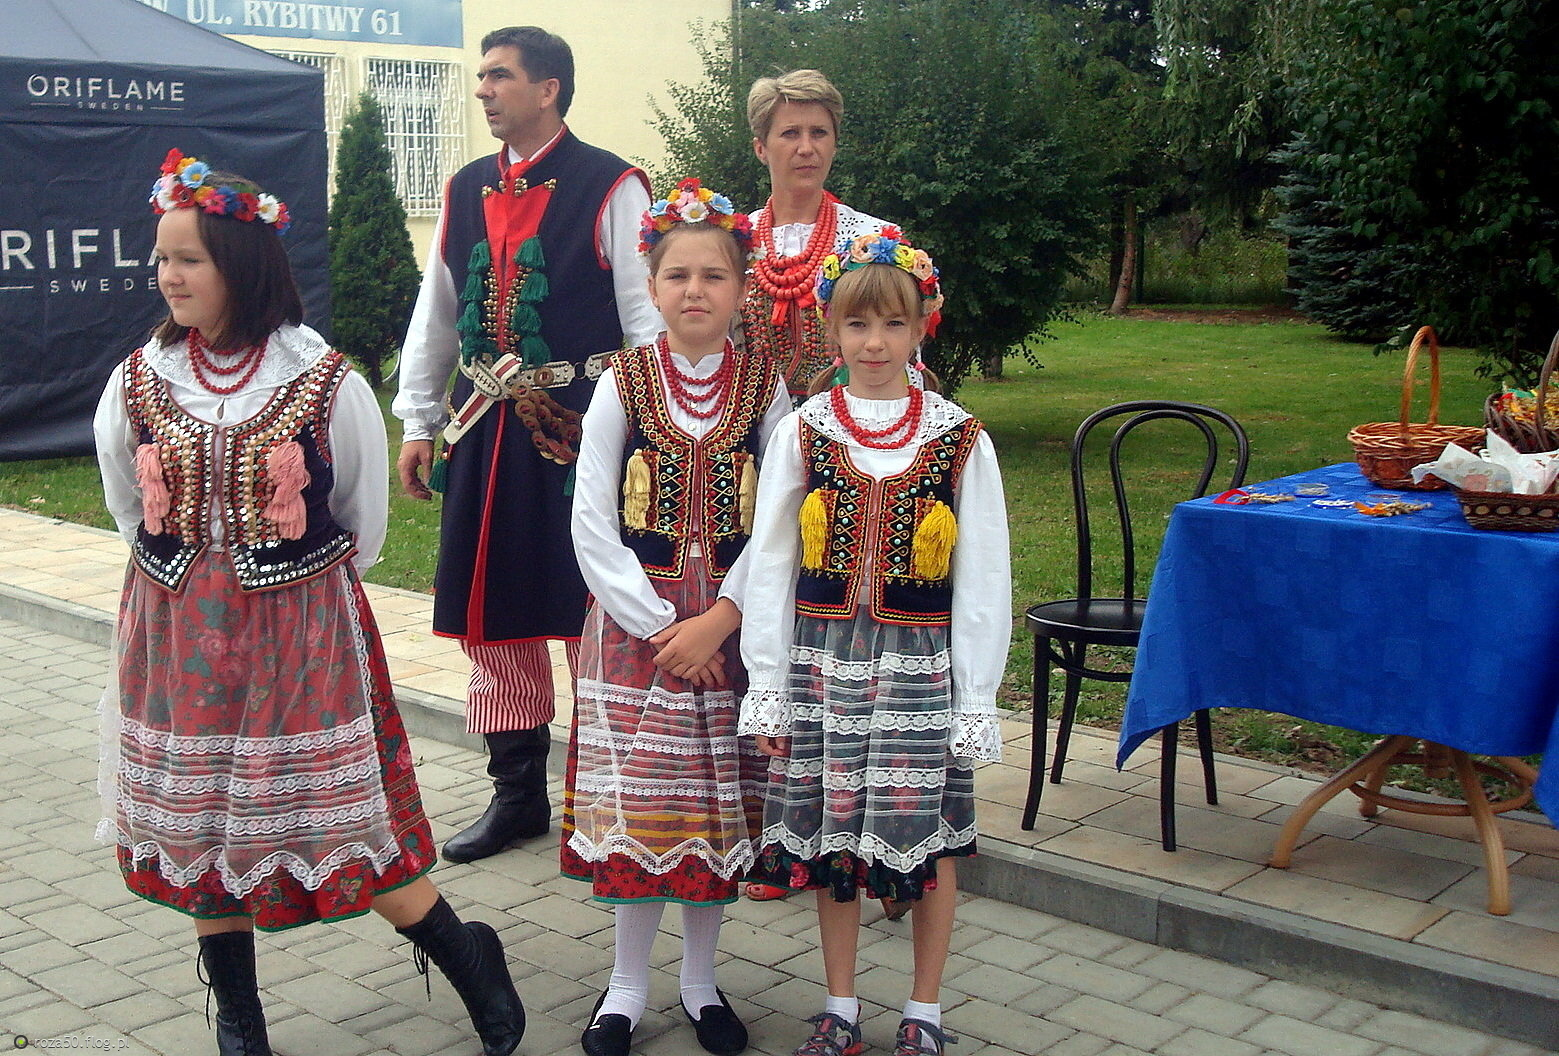 Dożynki w Rybitwach -  Podgórze Rada Dzielnicowa XIII Krakowa